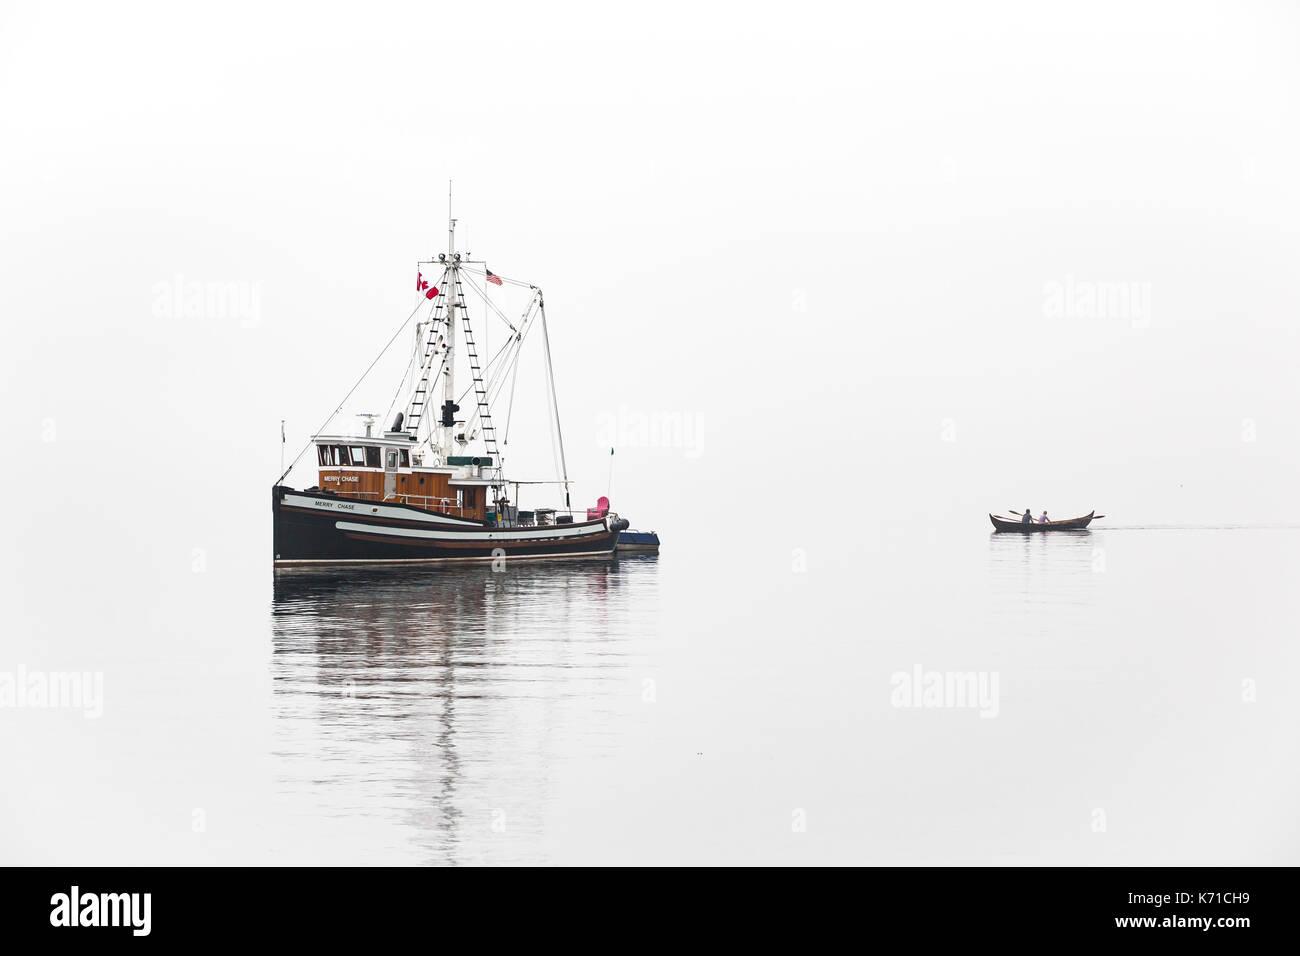 Bateau de pêche près de Port Townsend au cours de bateau en bois Afficher dans le brouillard avec bateau à rames. Photo Stock